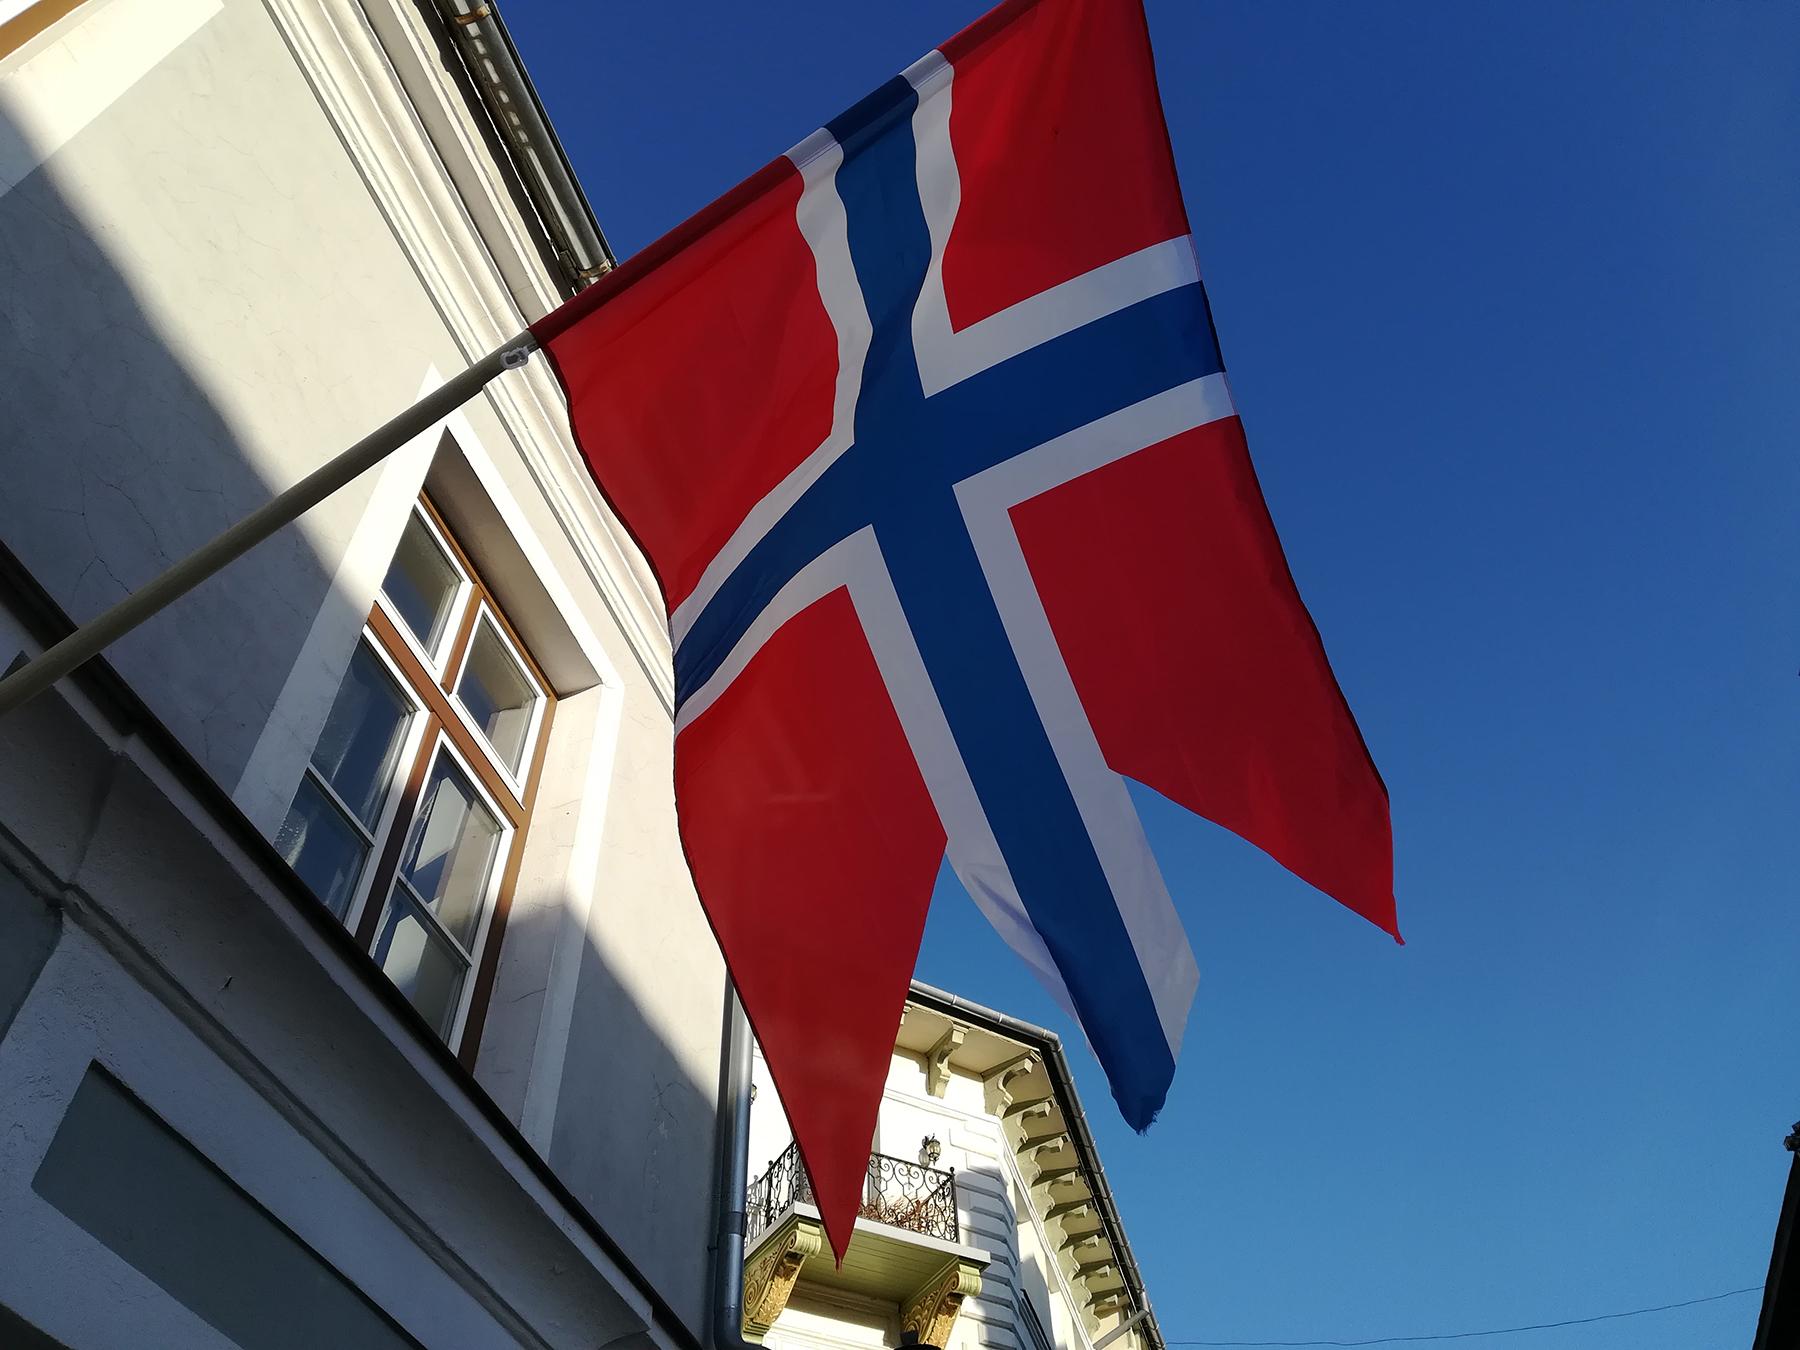 Pärnu Rüütli tänavat kaunistavad Norra lipud muutsid väikese linna südame üheks päevaks Trondheimiks. Foto: Urmas Saard